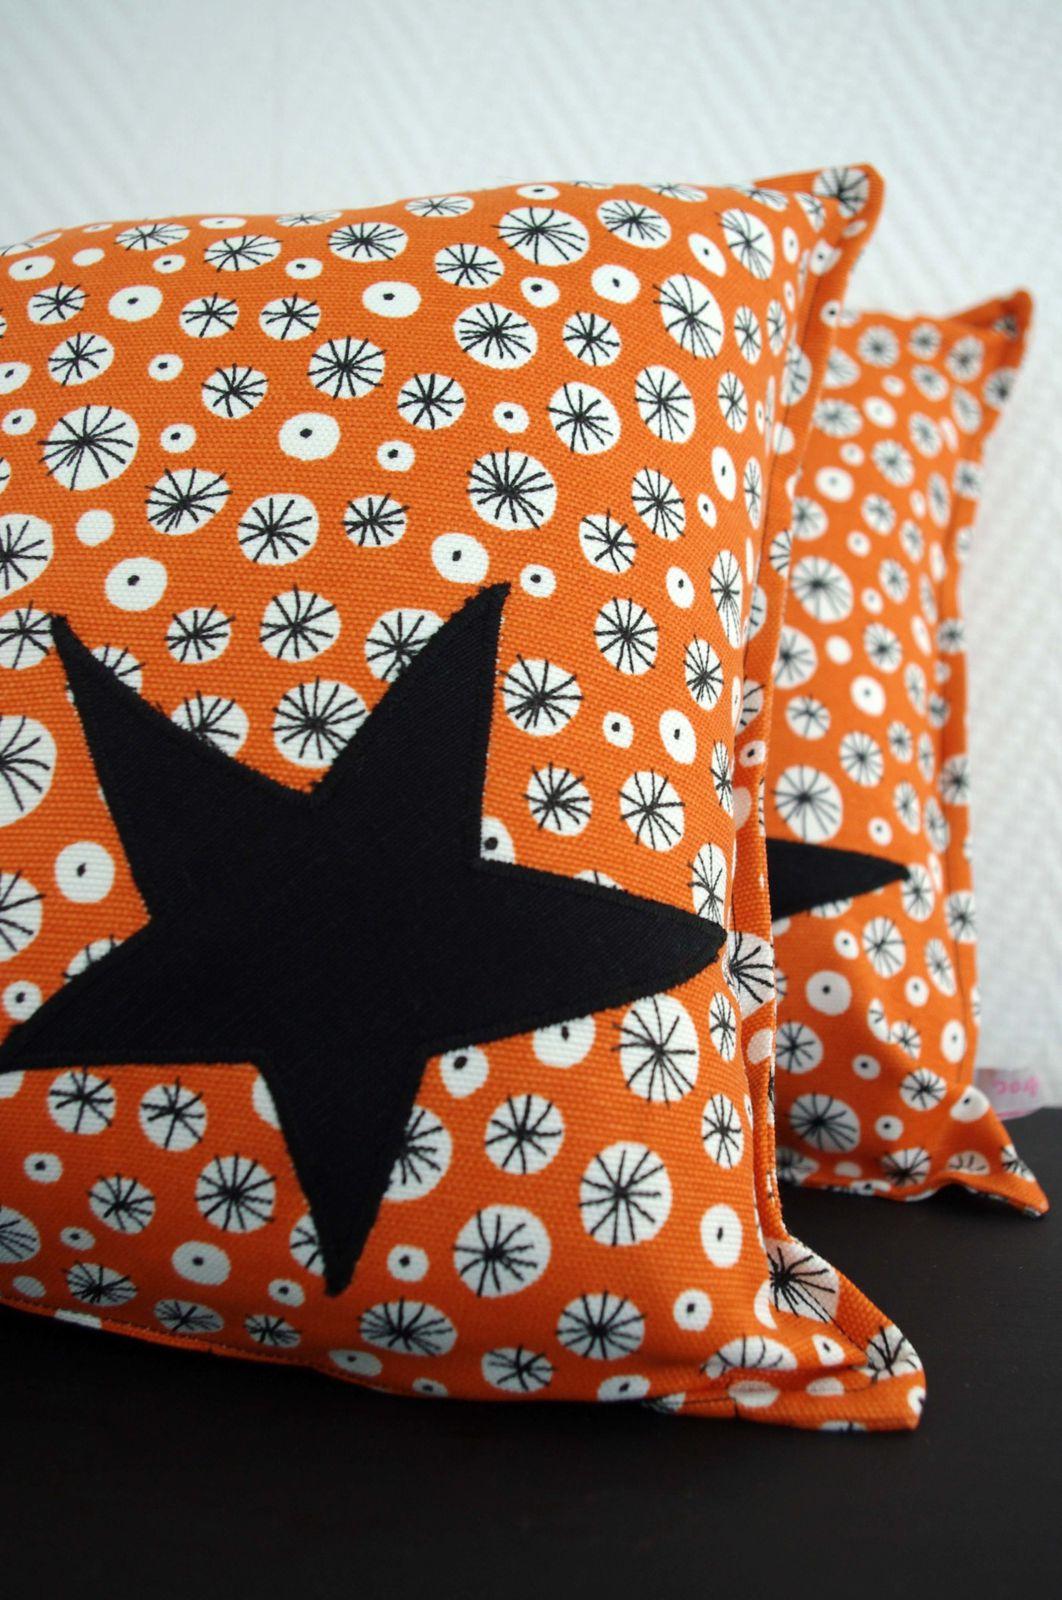 Coussins oranges à étoiles